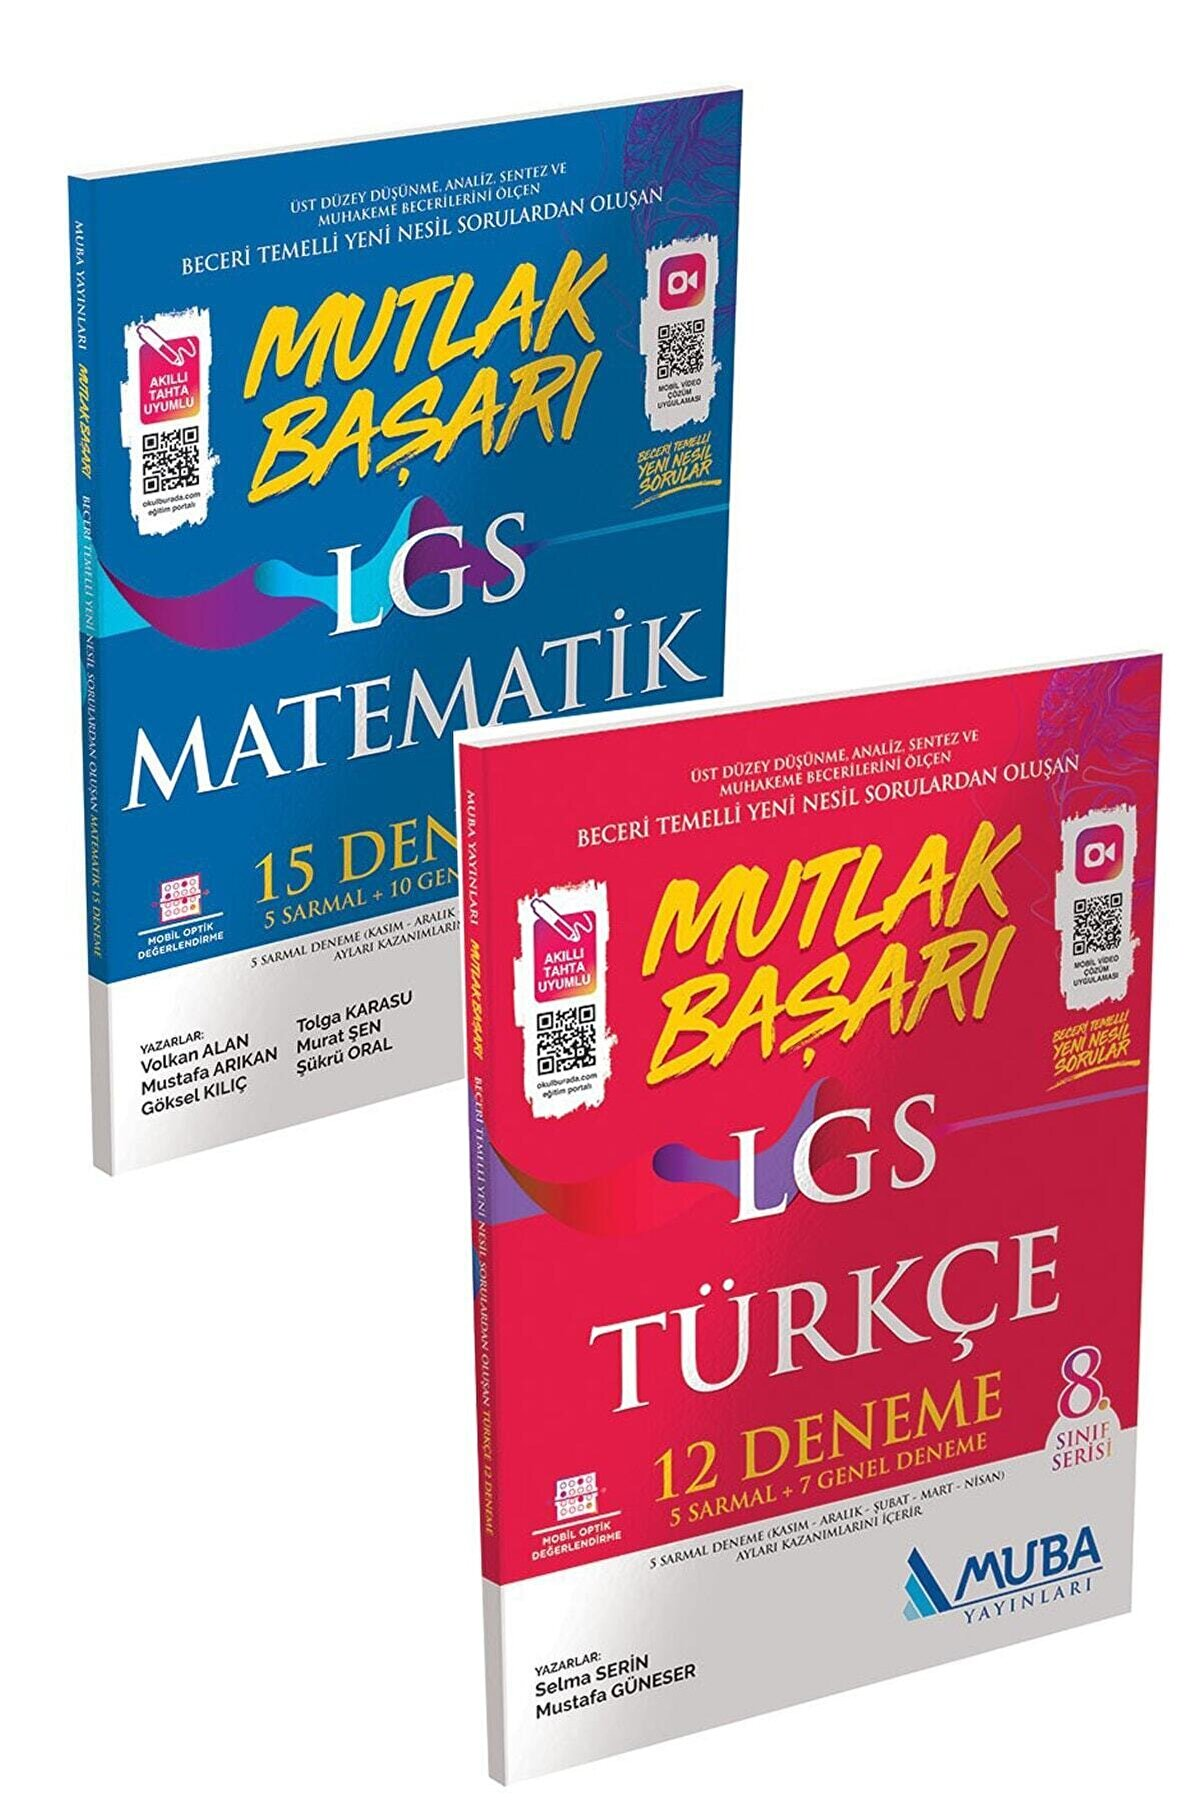 Muba Yayınları Mutlak Başarı Lgs Matematik 15 Deneme + Lgs Türkçe 12 Deneme